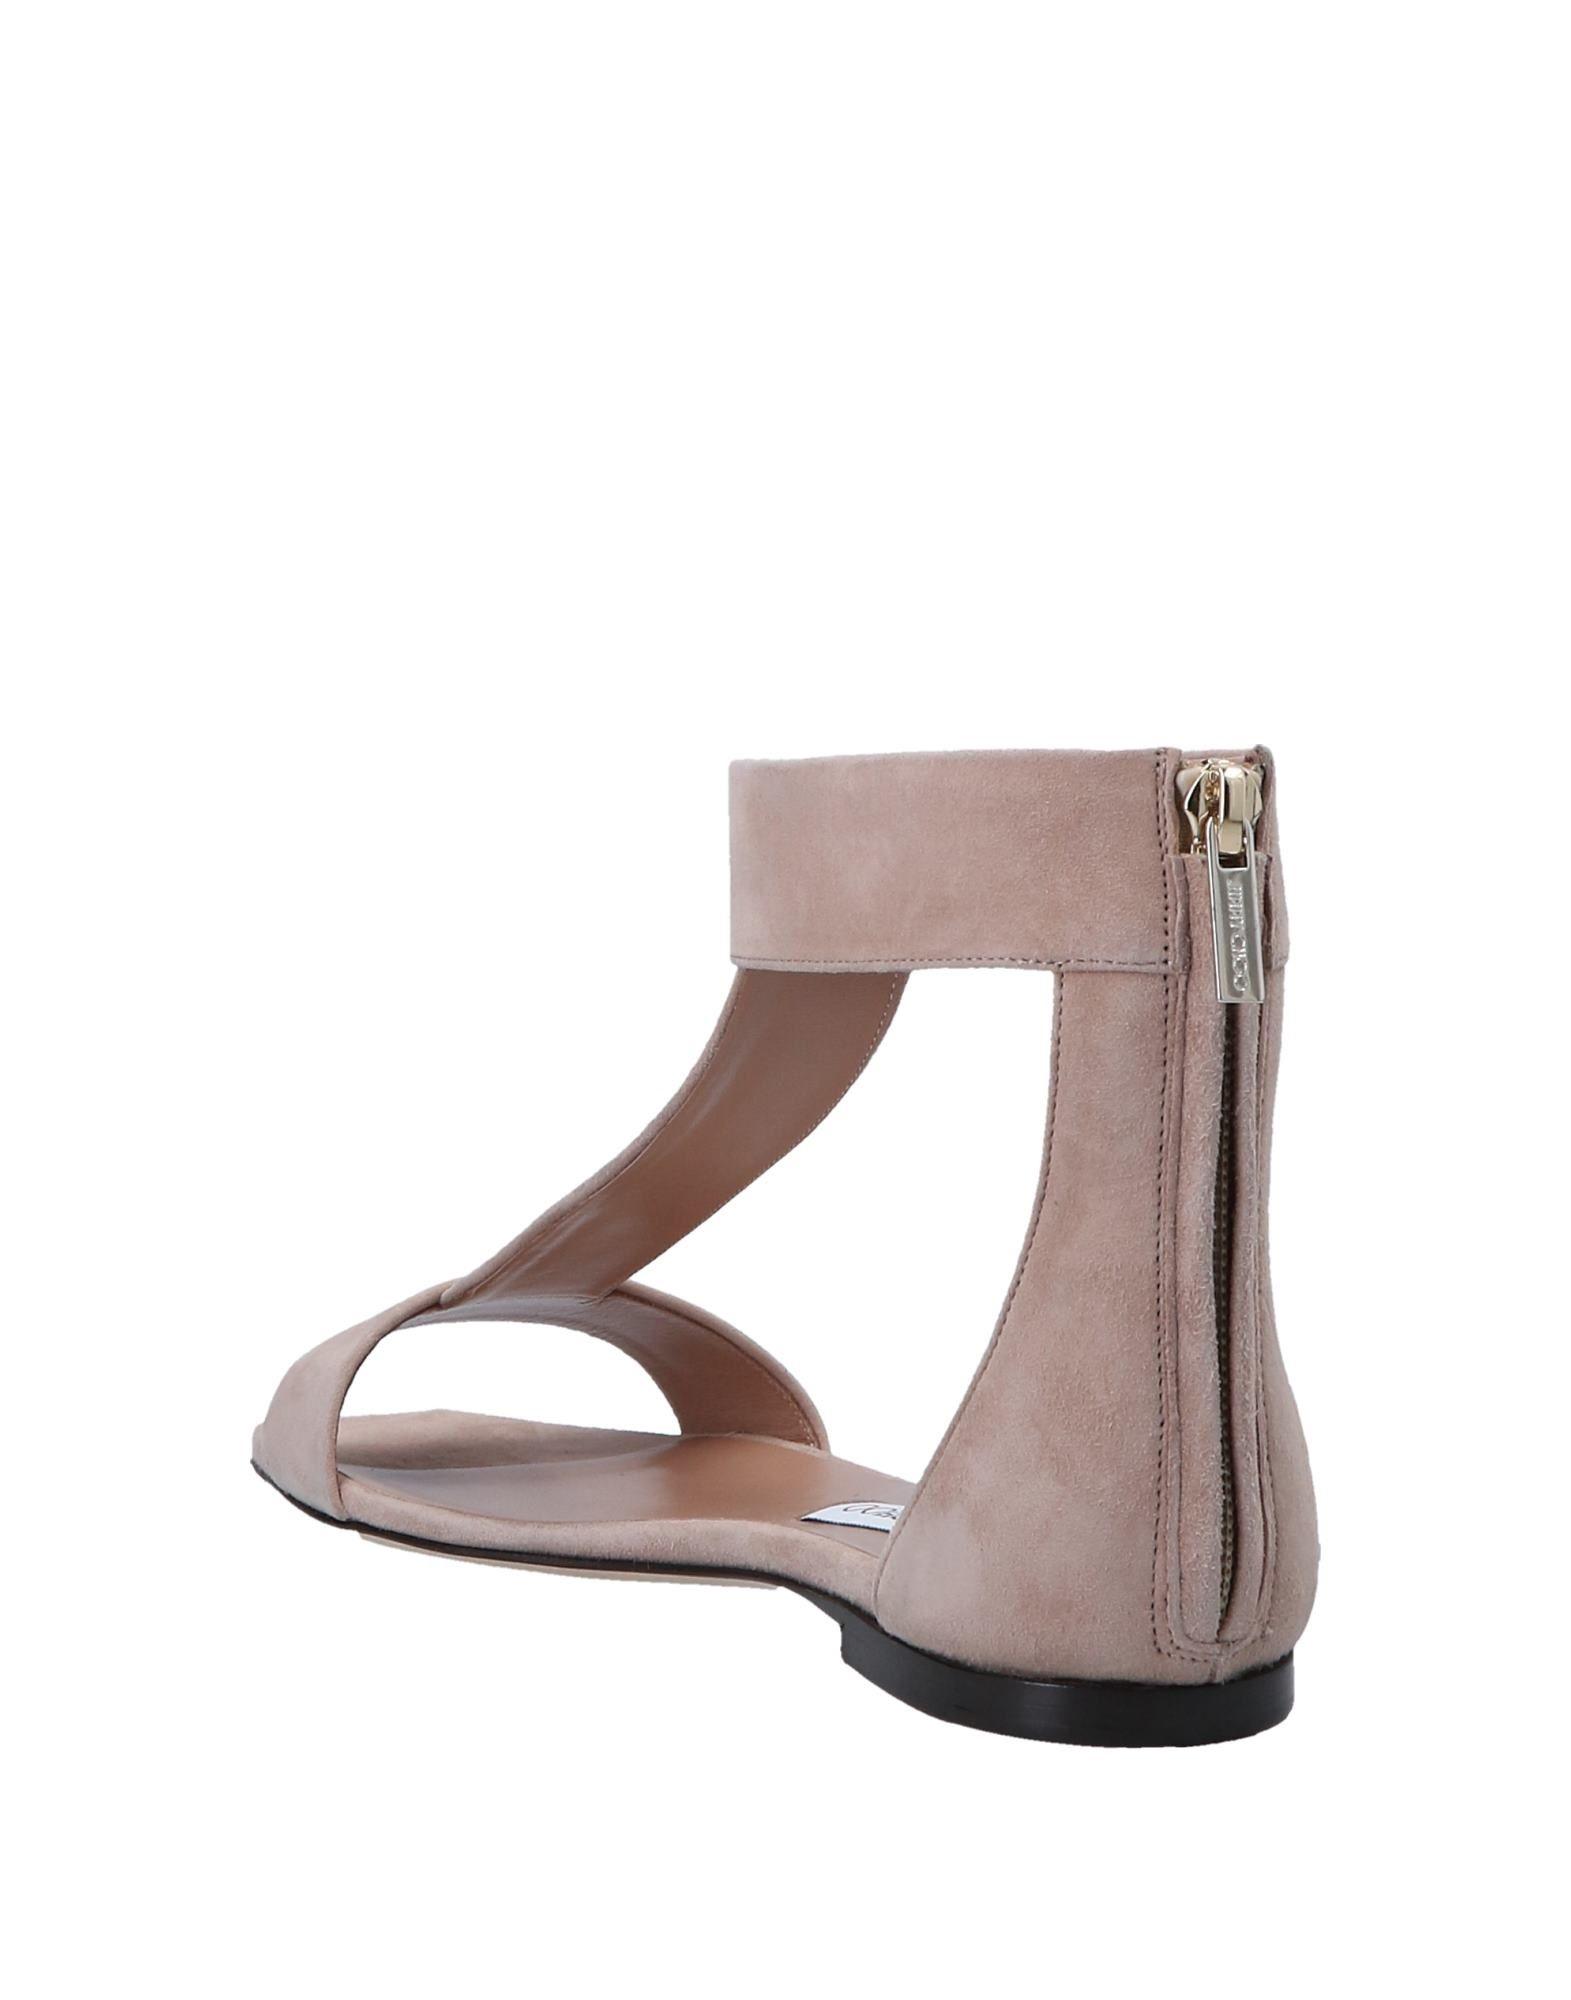 Klassischer Stil-2918,Jimmy Choo Sandalen lohnt Damen Gutes Preis-Leistungs-Verhältnis, es lohnt Sandalen sich 4612f4